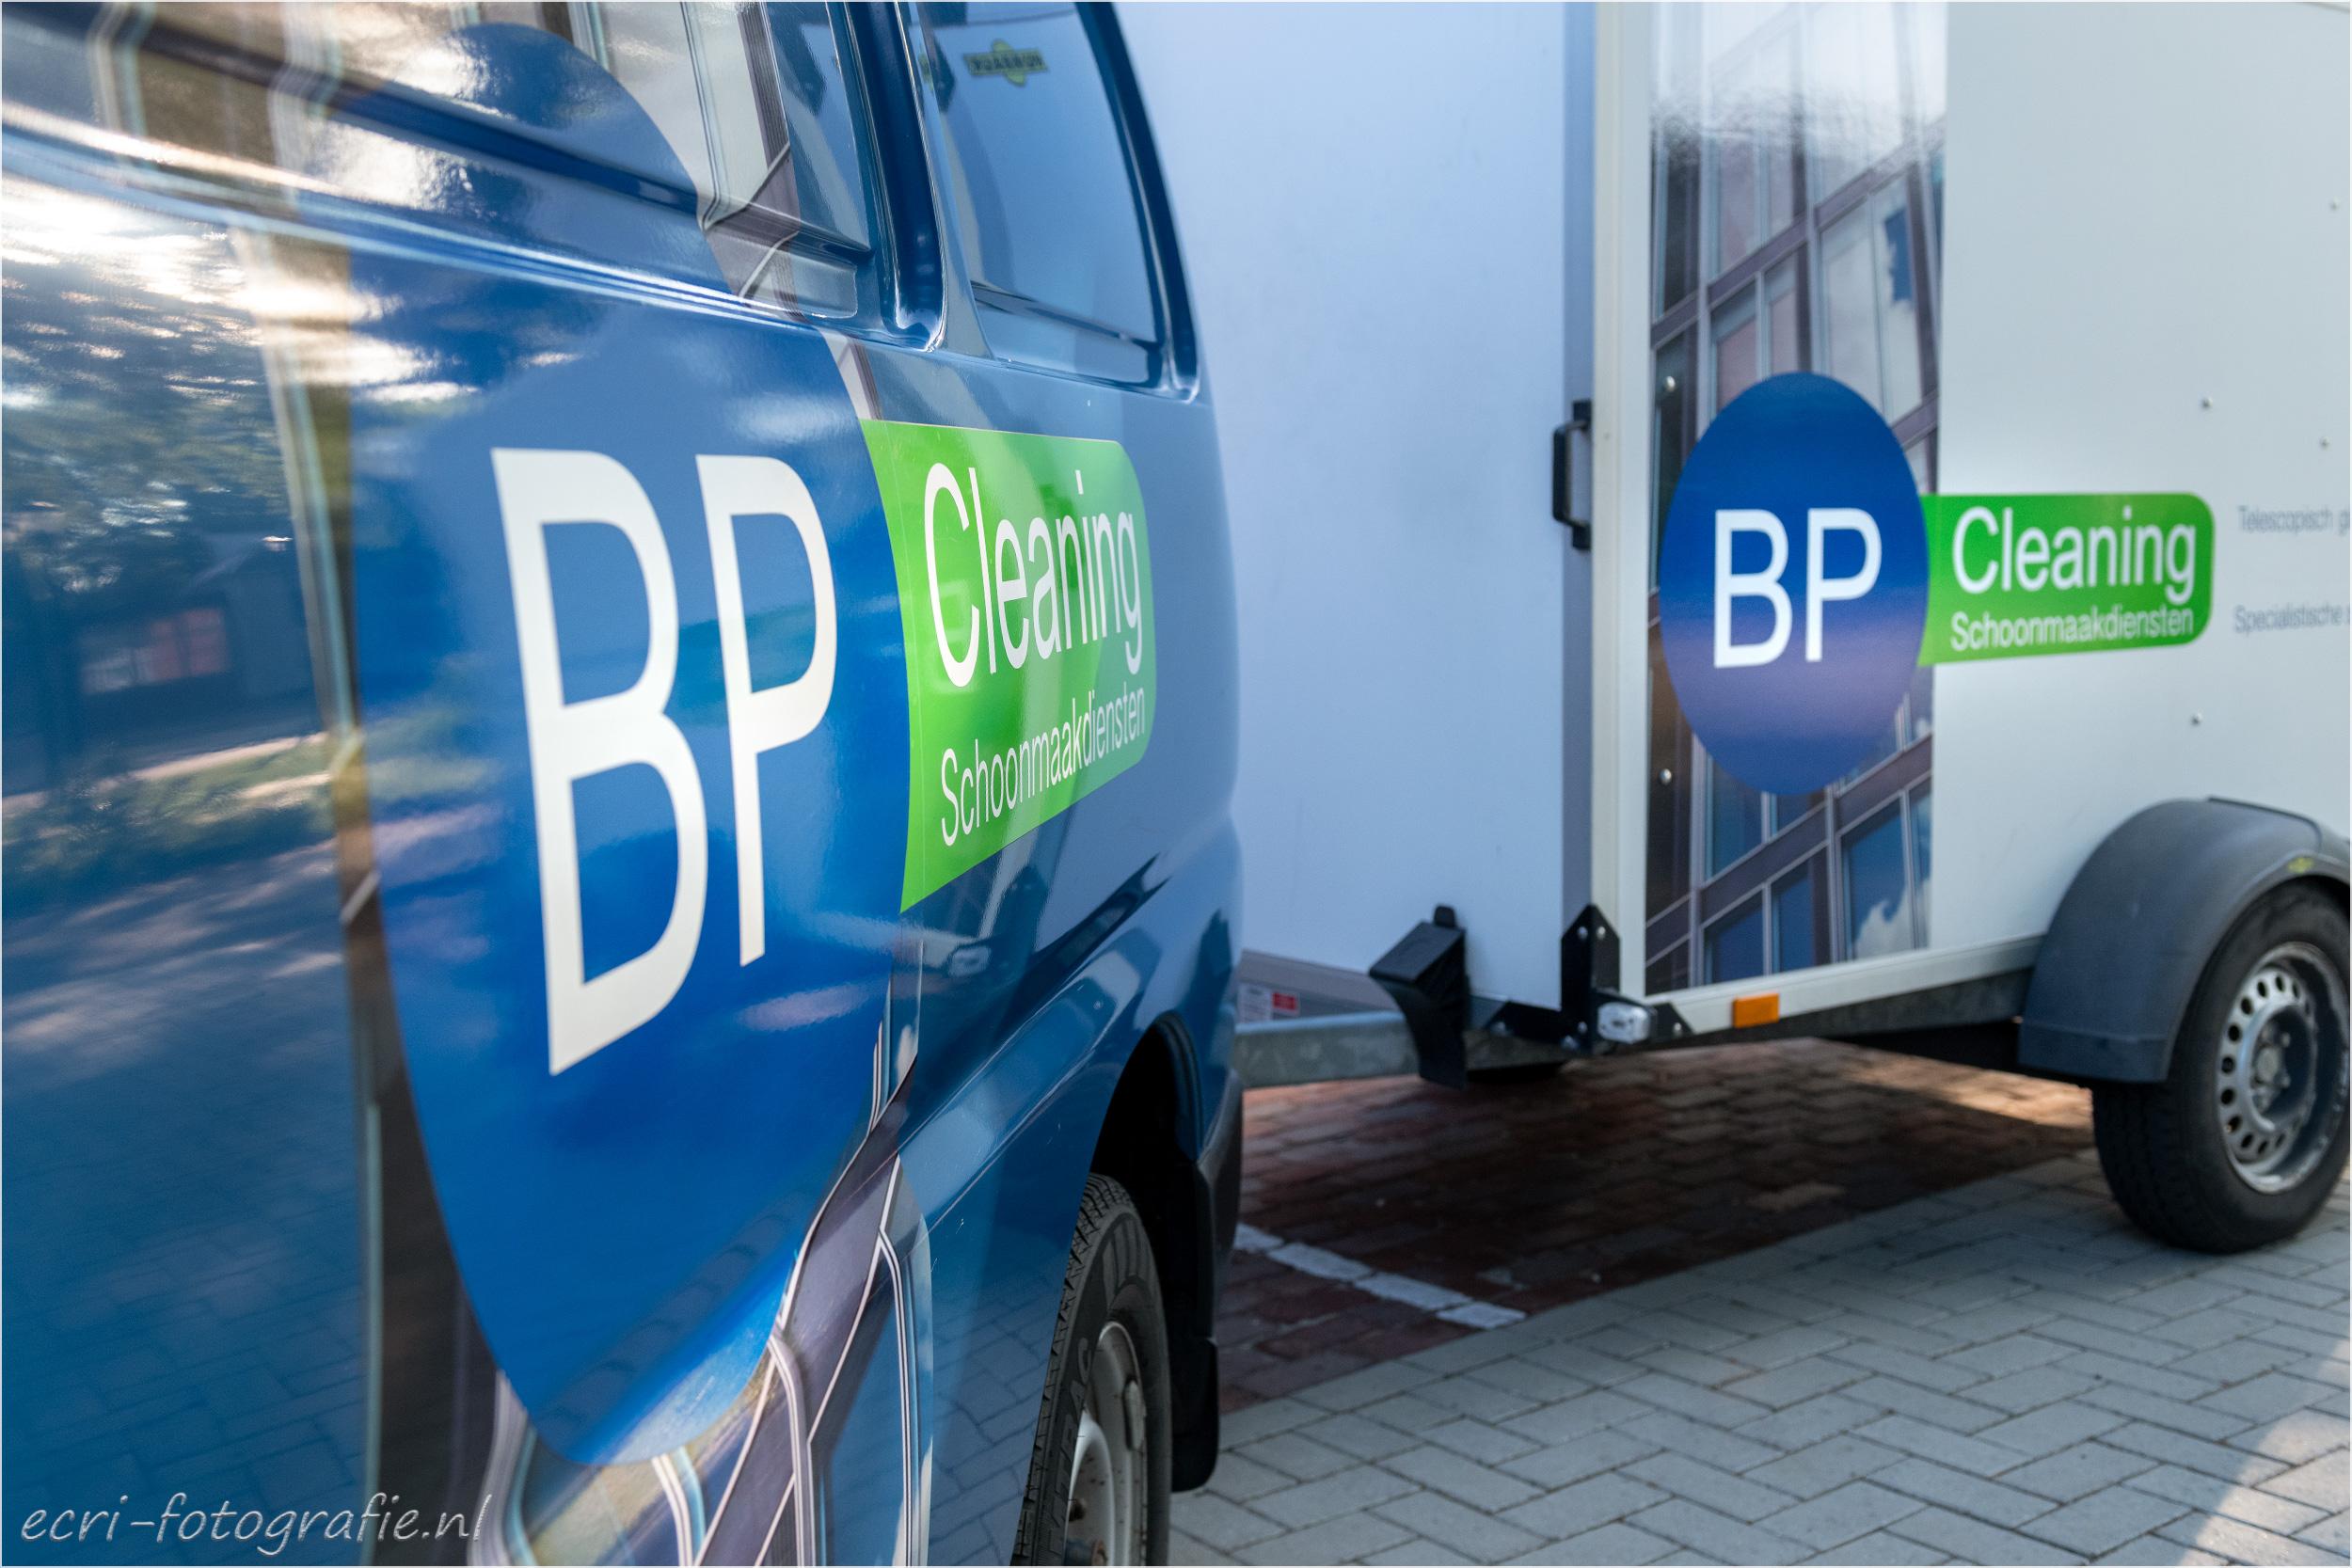 ecri-fotografie, Eric de Jonge, bedrijfsfotografie, BP Cleaning, schoonmaakbedrijf, zakelijk